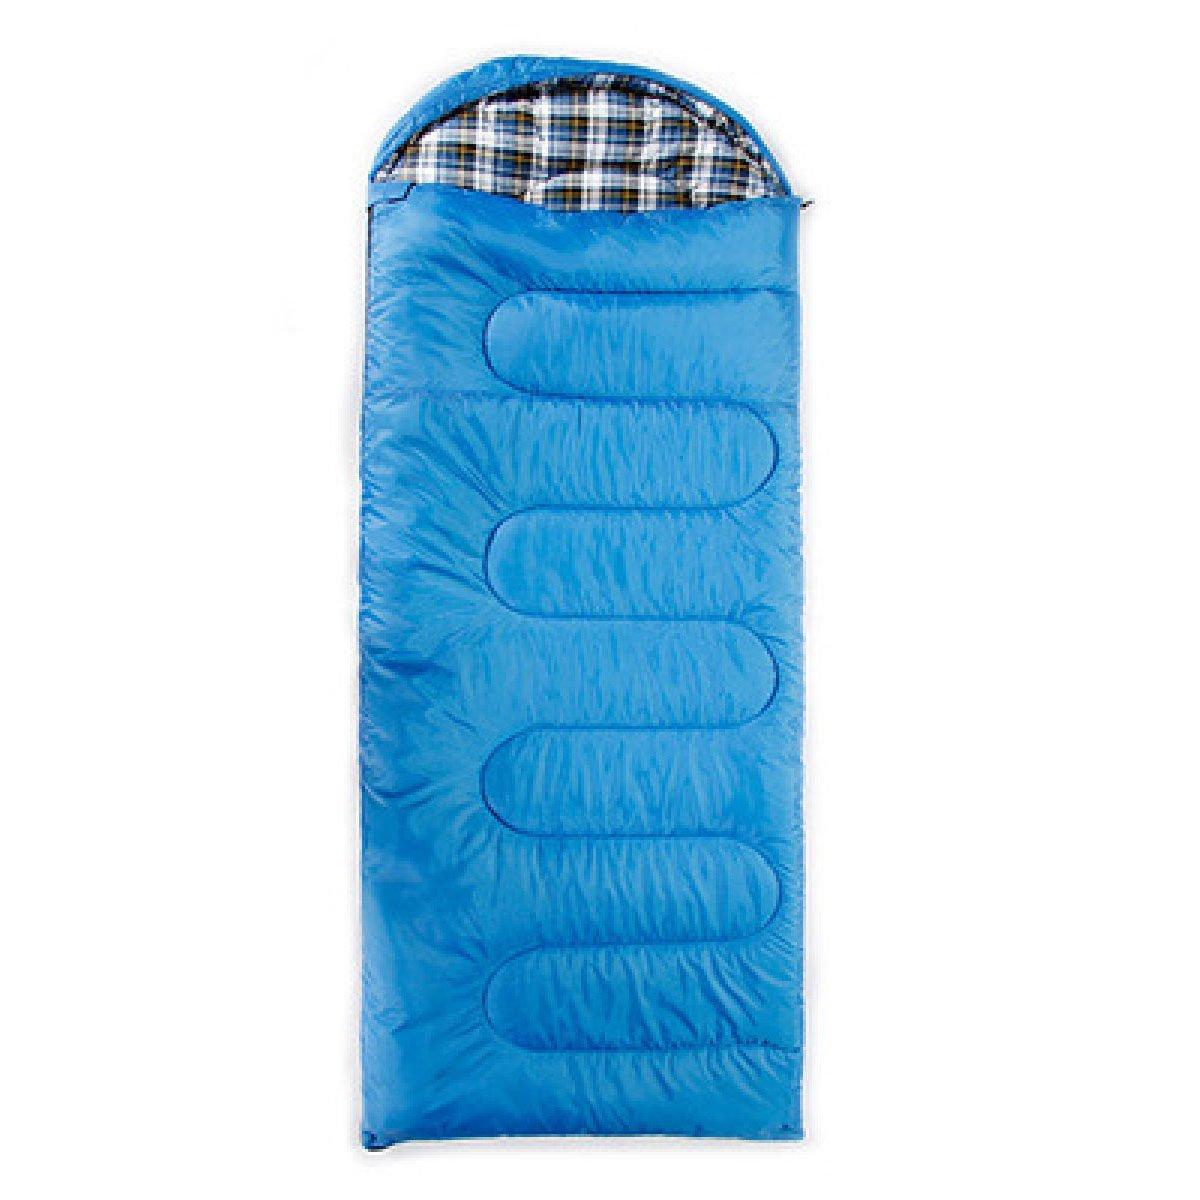 Xin Su Envelope Se Puede Empalmar Saco De Dormir Acampar Al Aire Libre Senderismo Almuerzo En El Interior Saco De Dormir Multifuncional (azul Y Verde),Blue-(190+30)*85cm Blue-(190+30)*85cm Xin.Shang